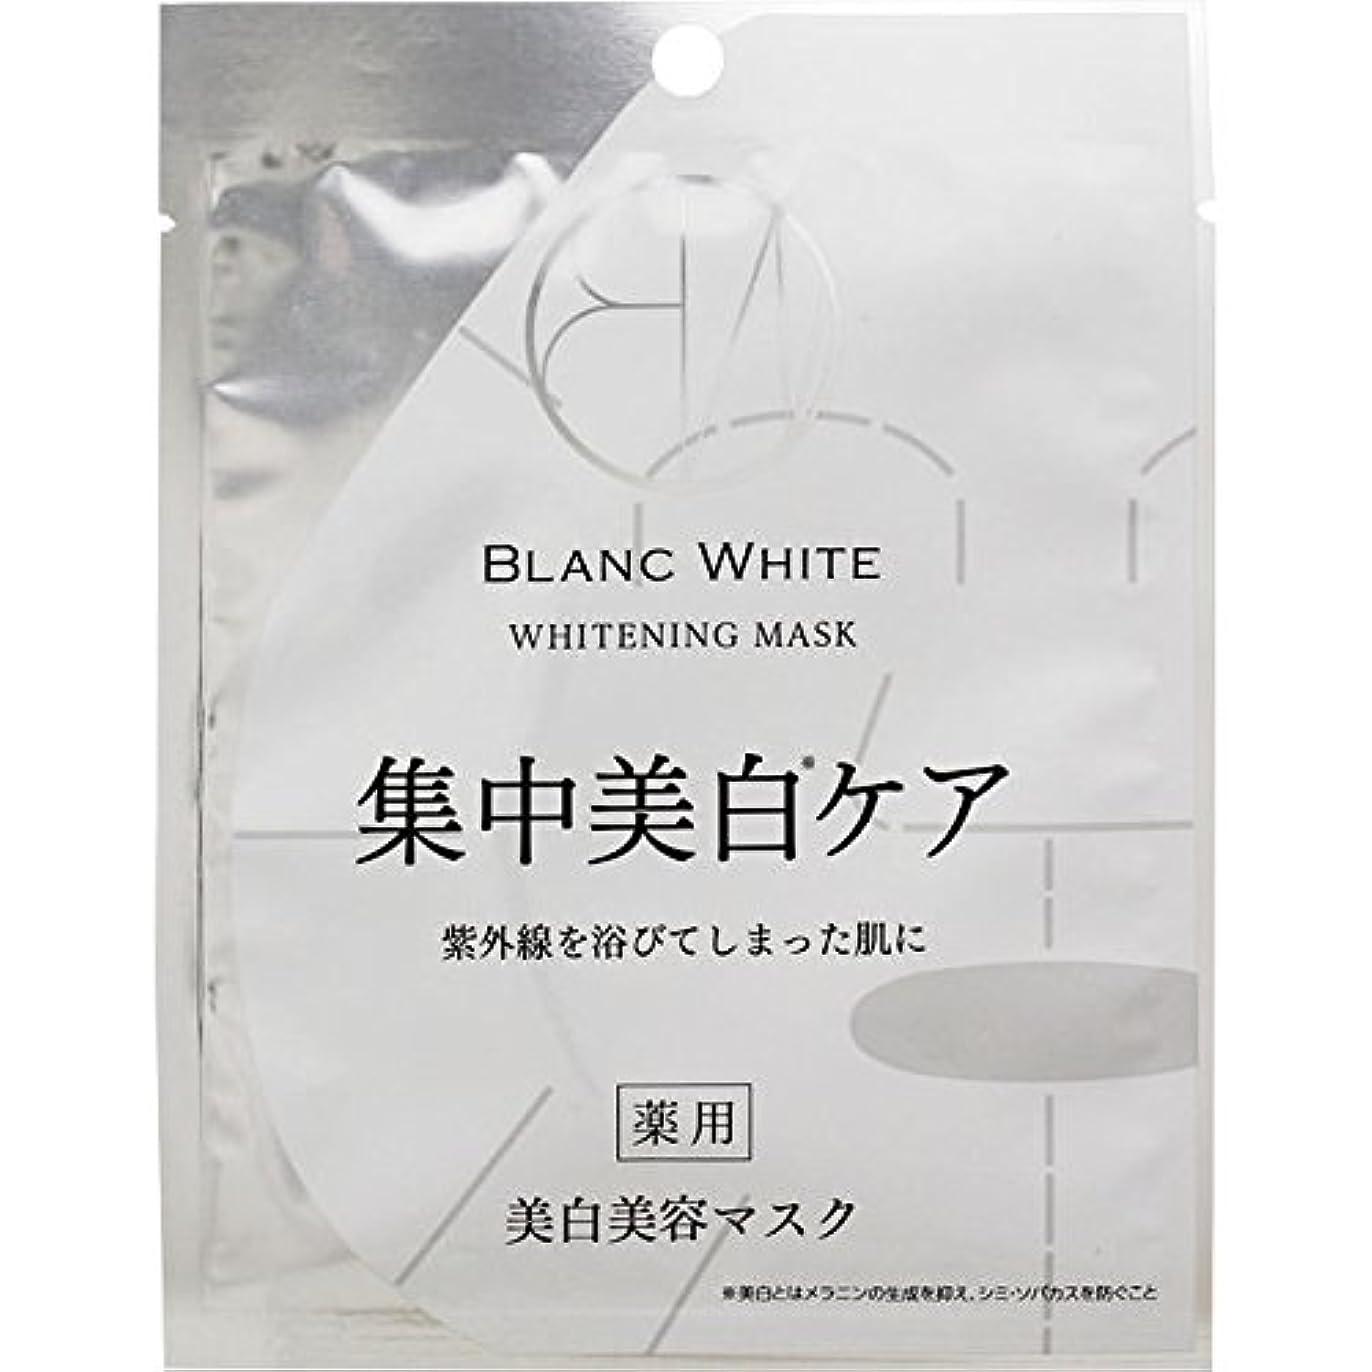 クスクス等価会計ブランホワイト ホワイトニングマスク 1枚【21ml】 (医薬部外品)